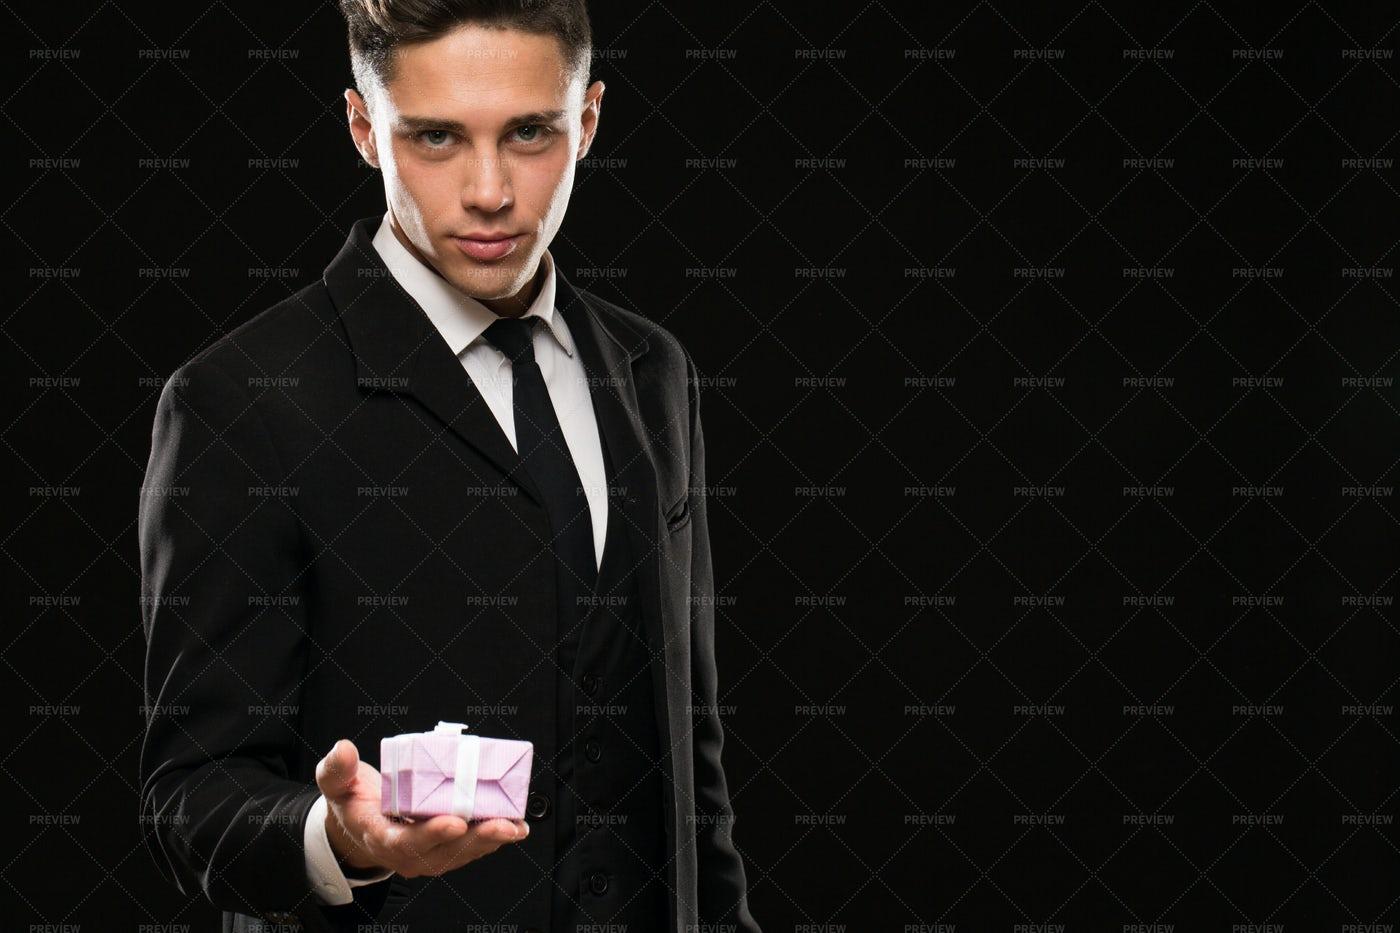 Man Holding A Gift Box: Stock Photos